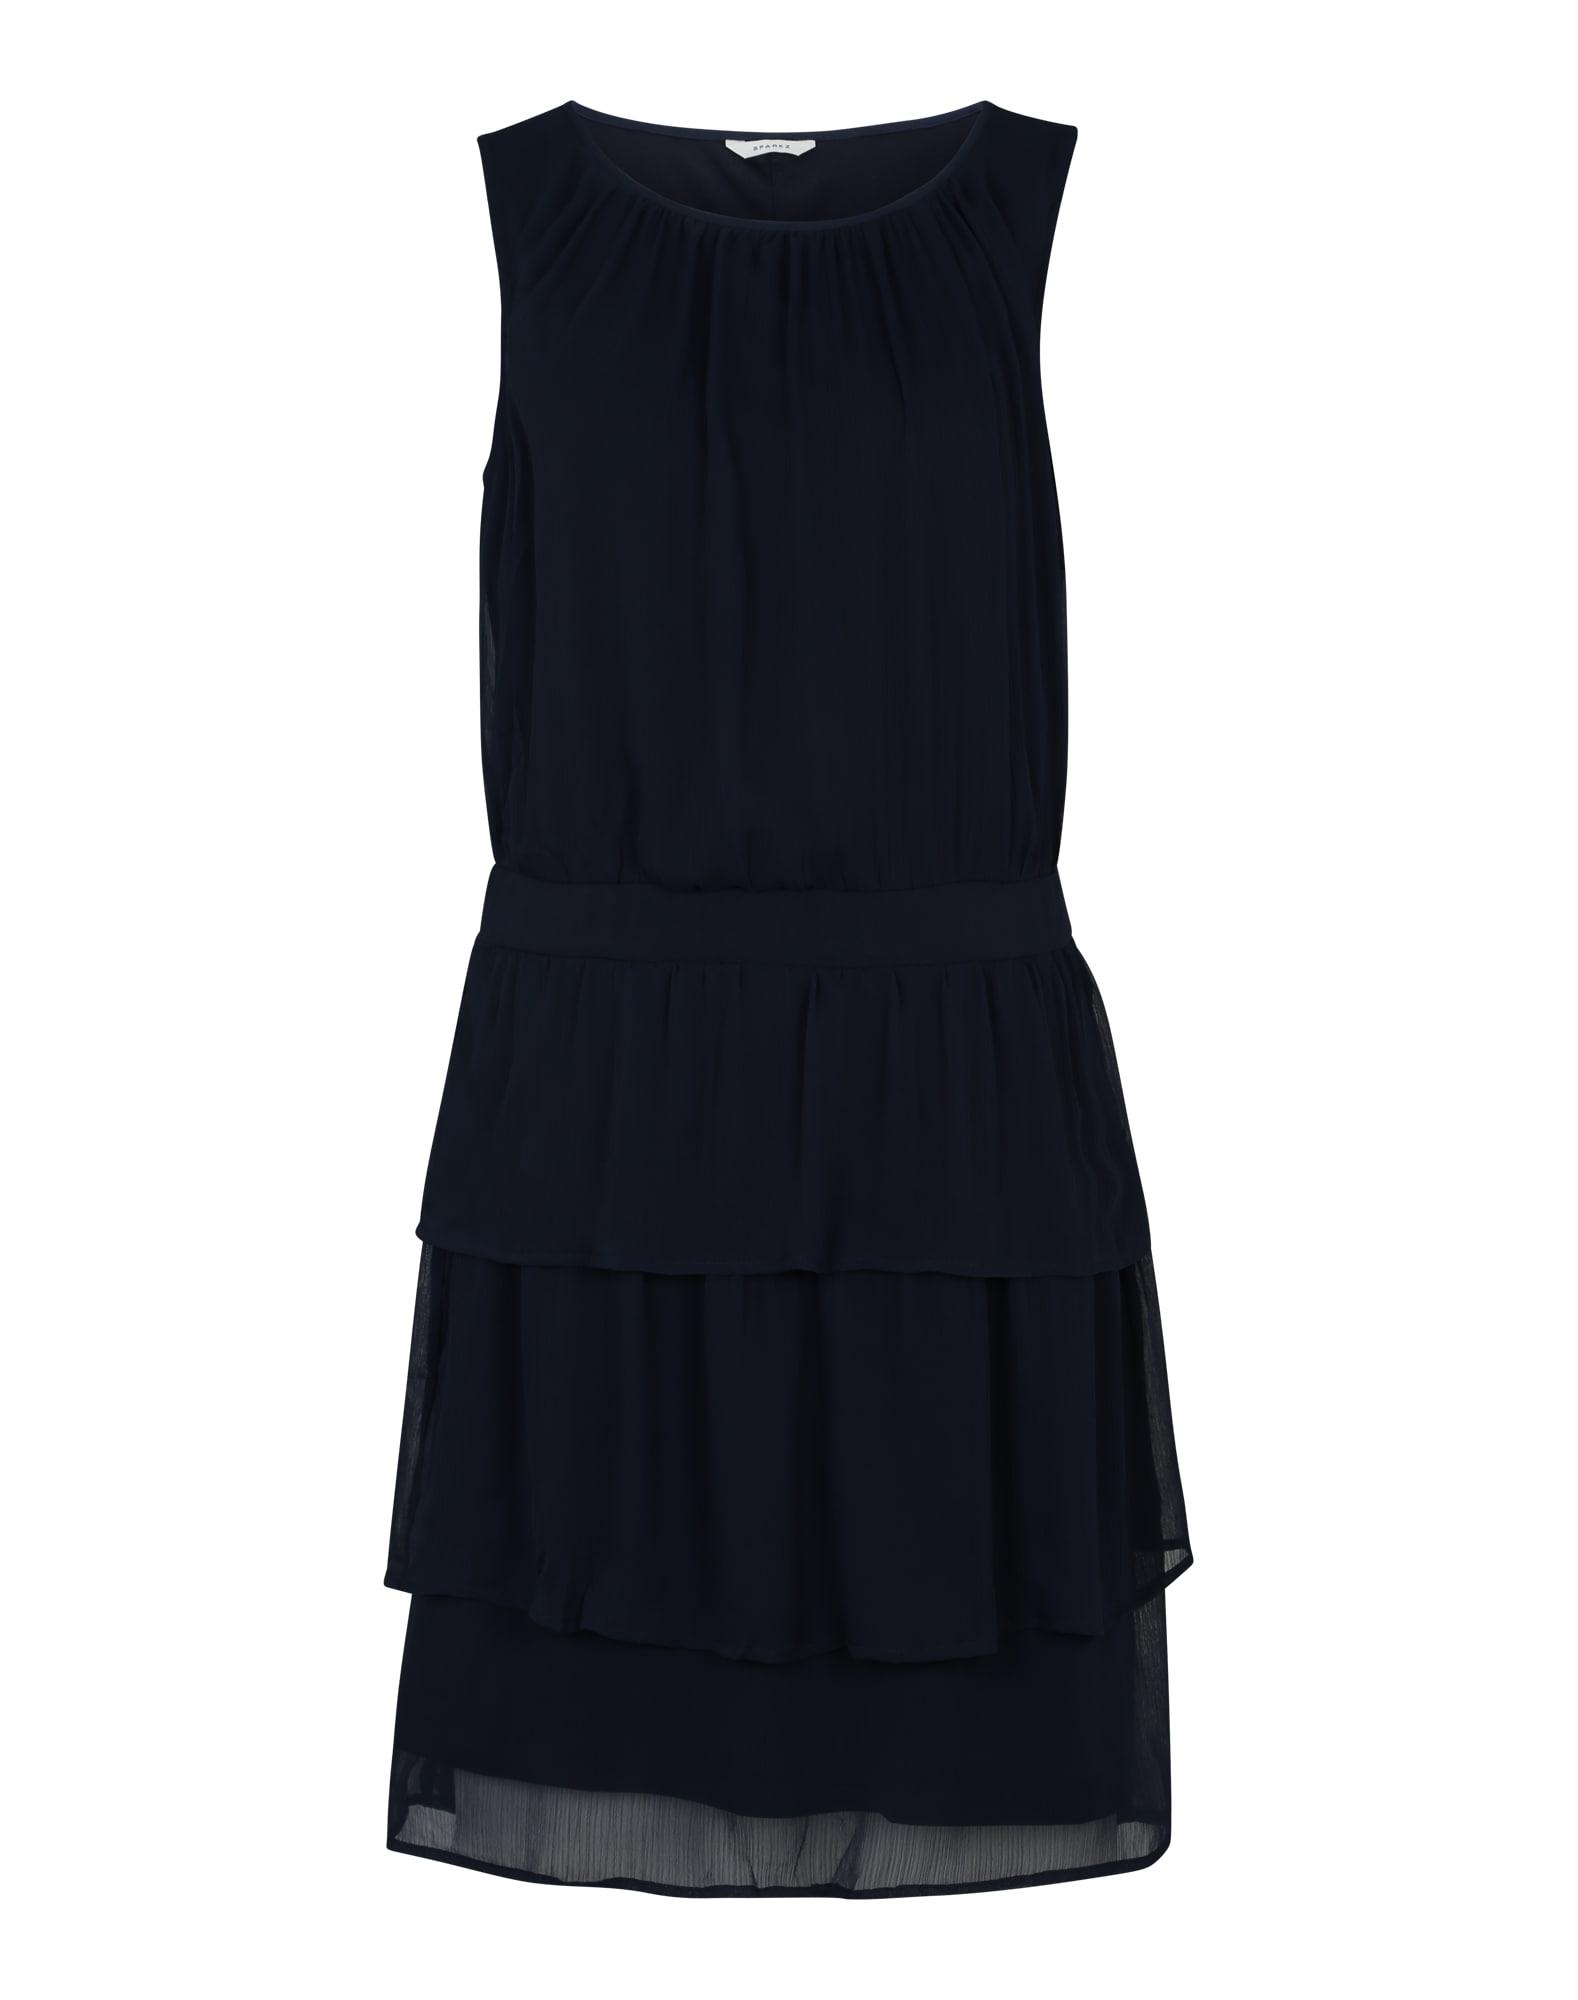 Koktejlové šaty Kanya námořnická modř Sparkz